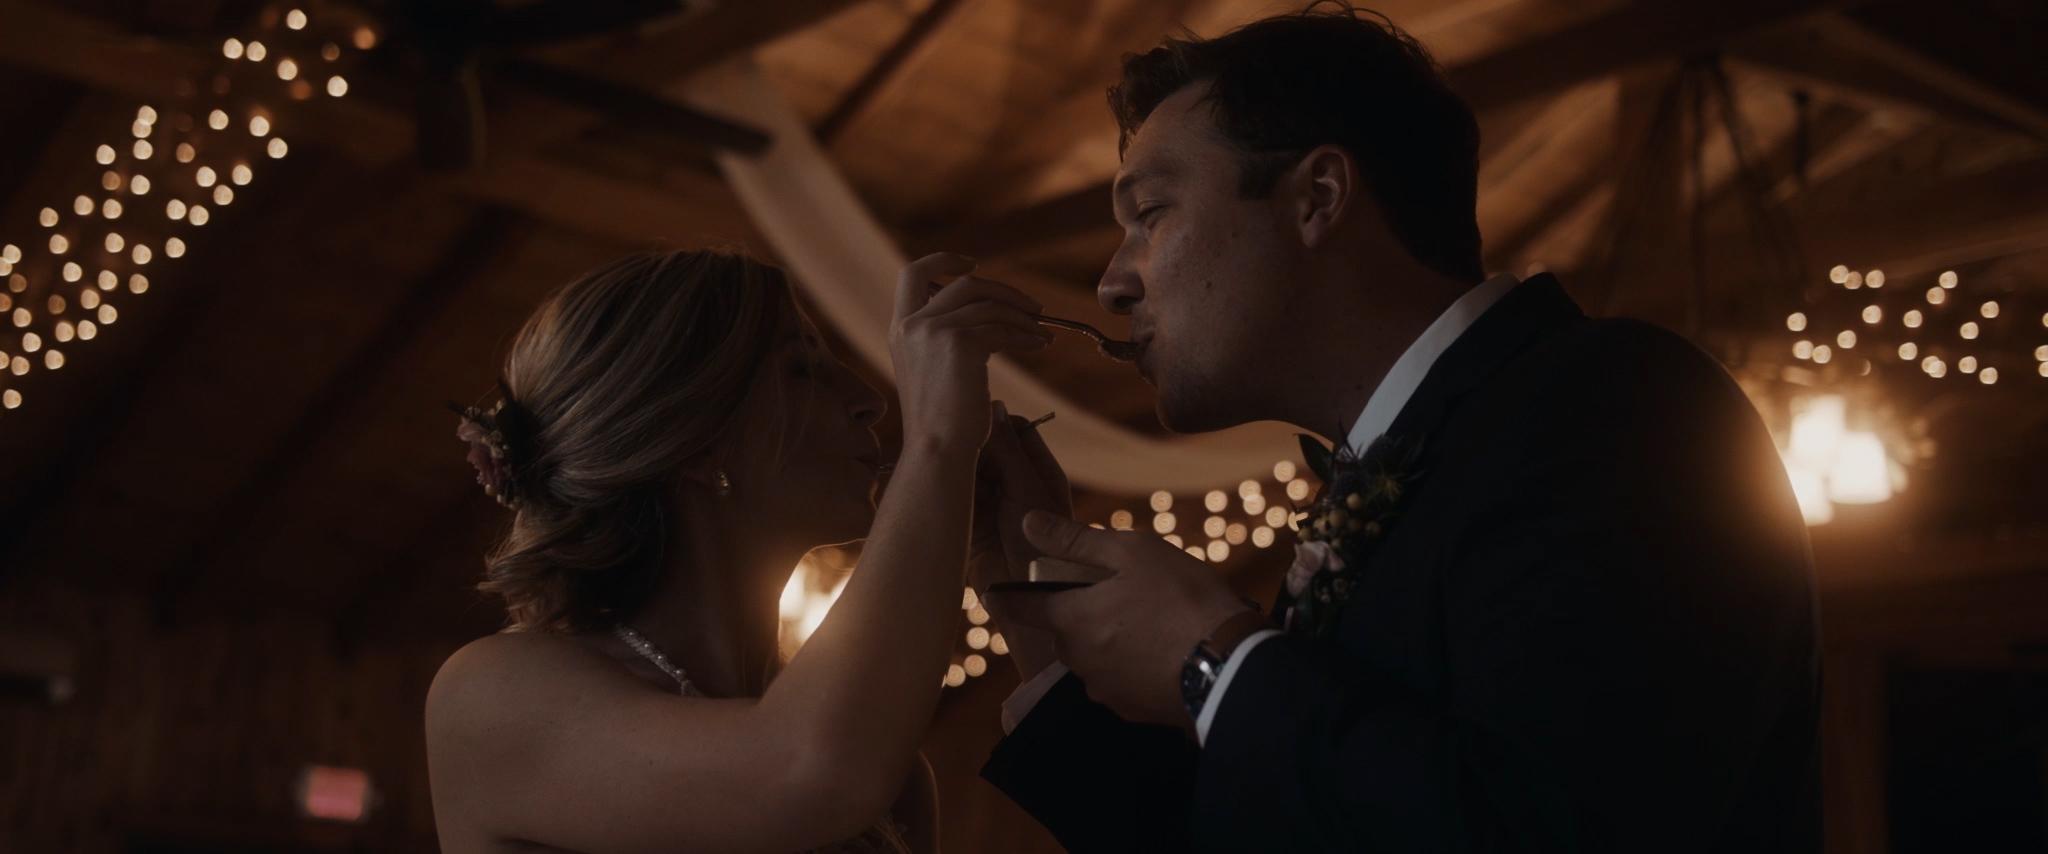 HAVENS_Wedding_Film.00_06_01_01.Still064.jpg